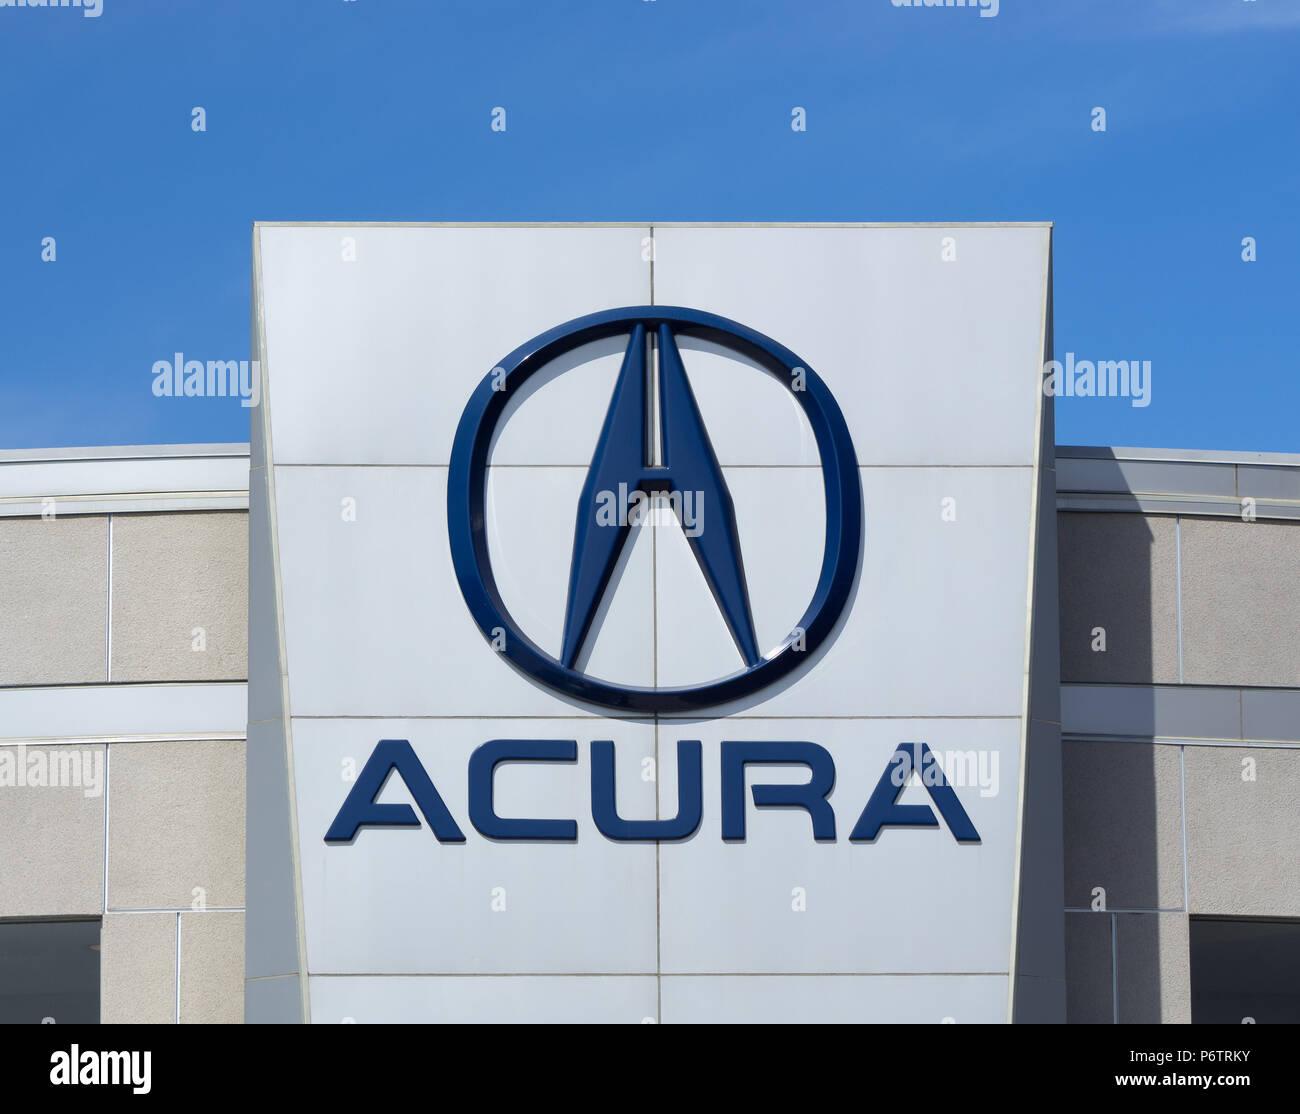 Acura Car Stock Photos & Acura Car Stock Images